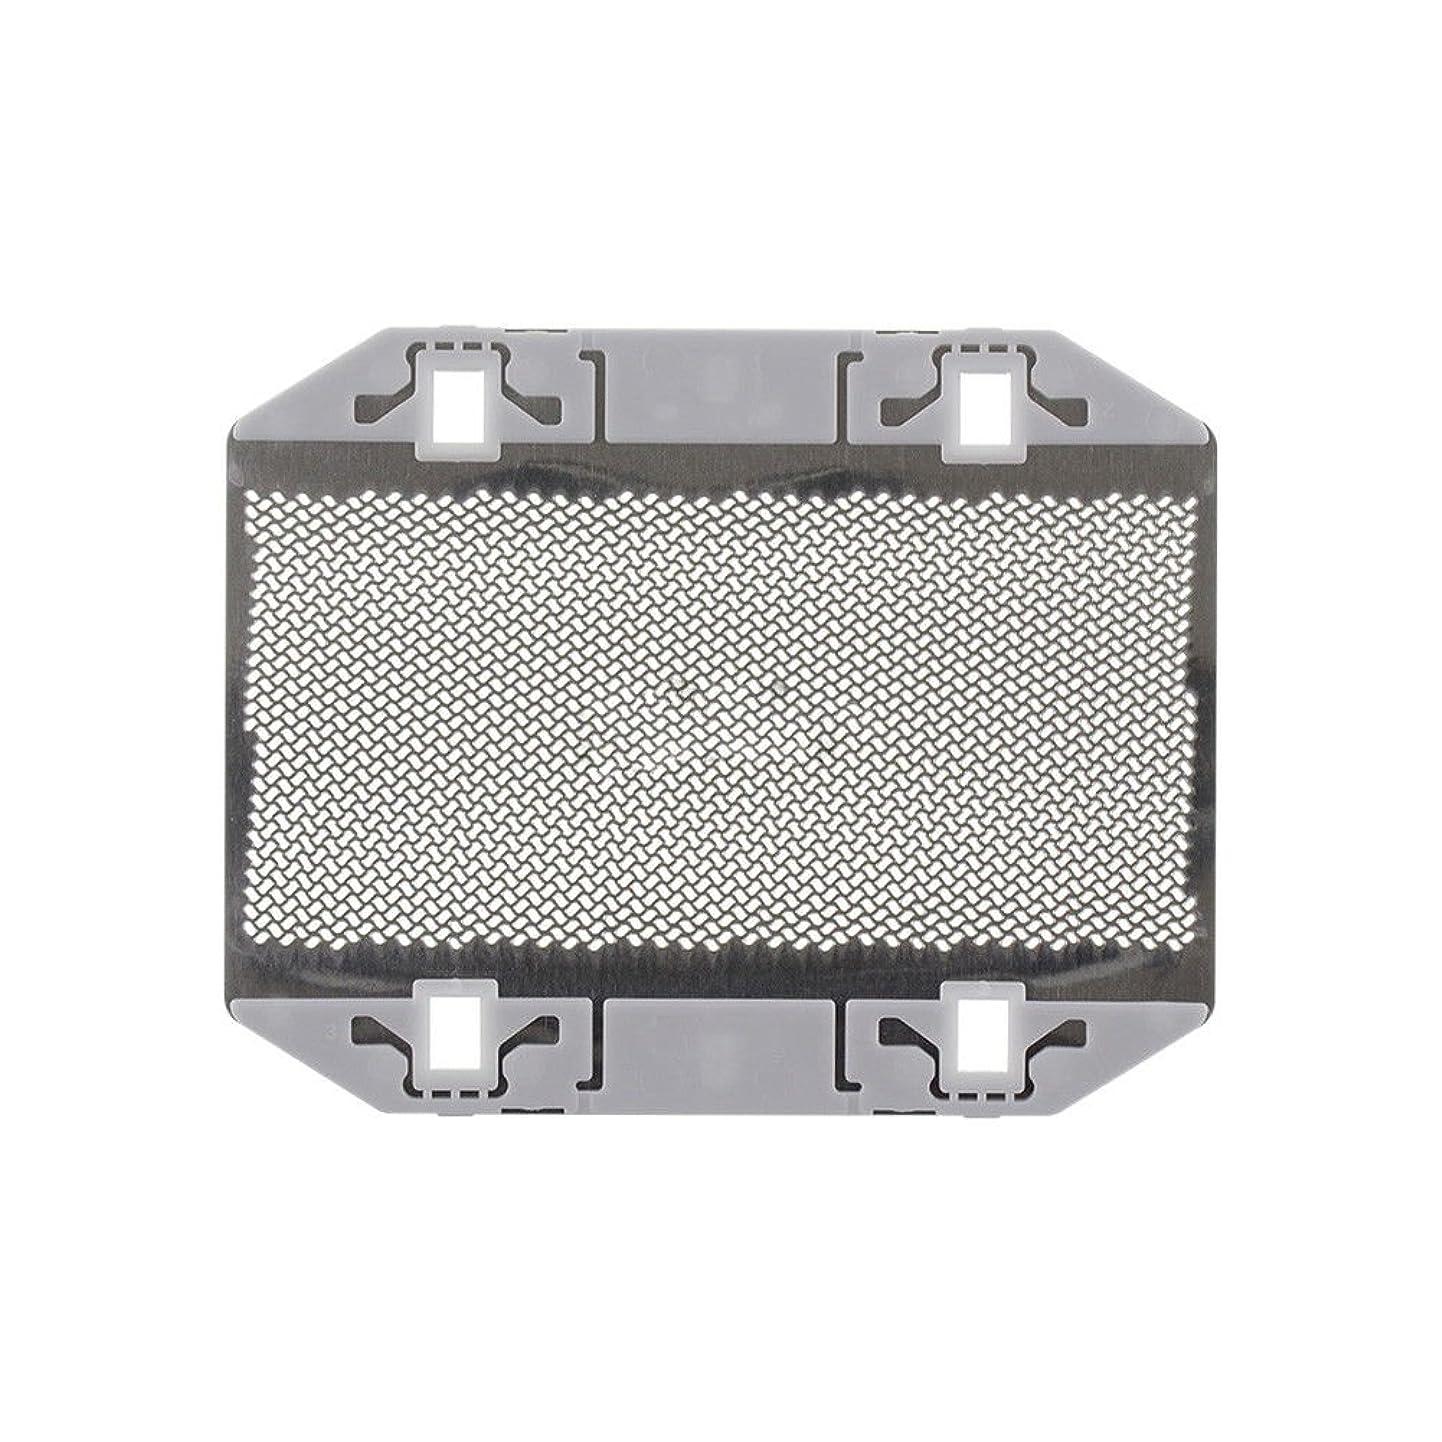 本土ライフル畝間Hzjundasi シェーバーパーツ 部品 外刃 ロータリー式シェーバー替刃 耐用 高質量 for Panasonic ES9943 ES3042 ES3801 ES3750 ES365 ES366